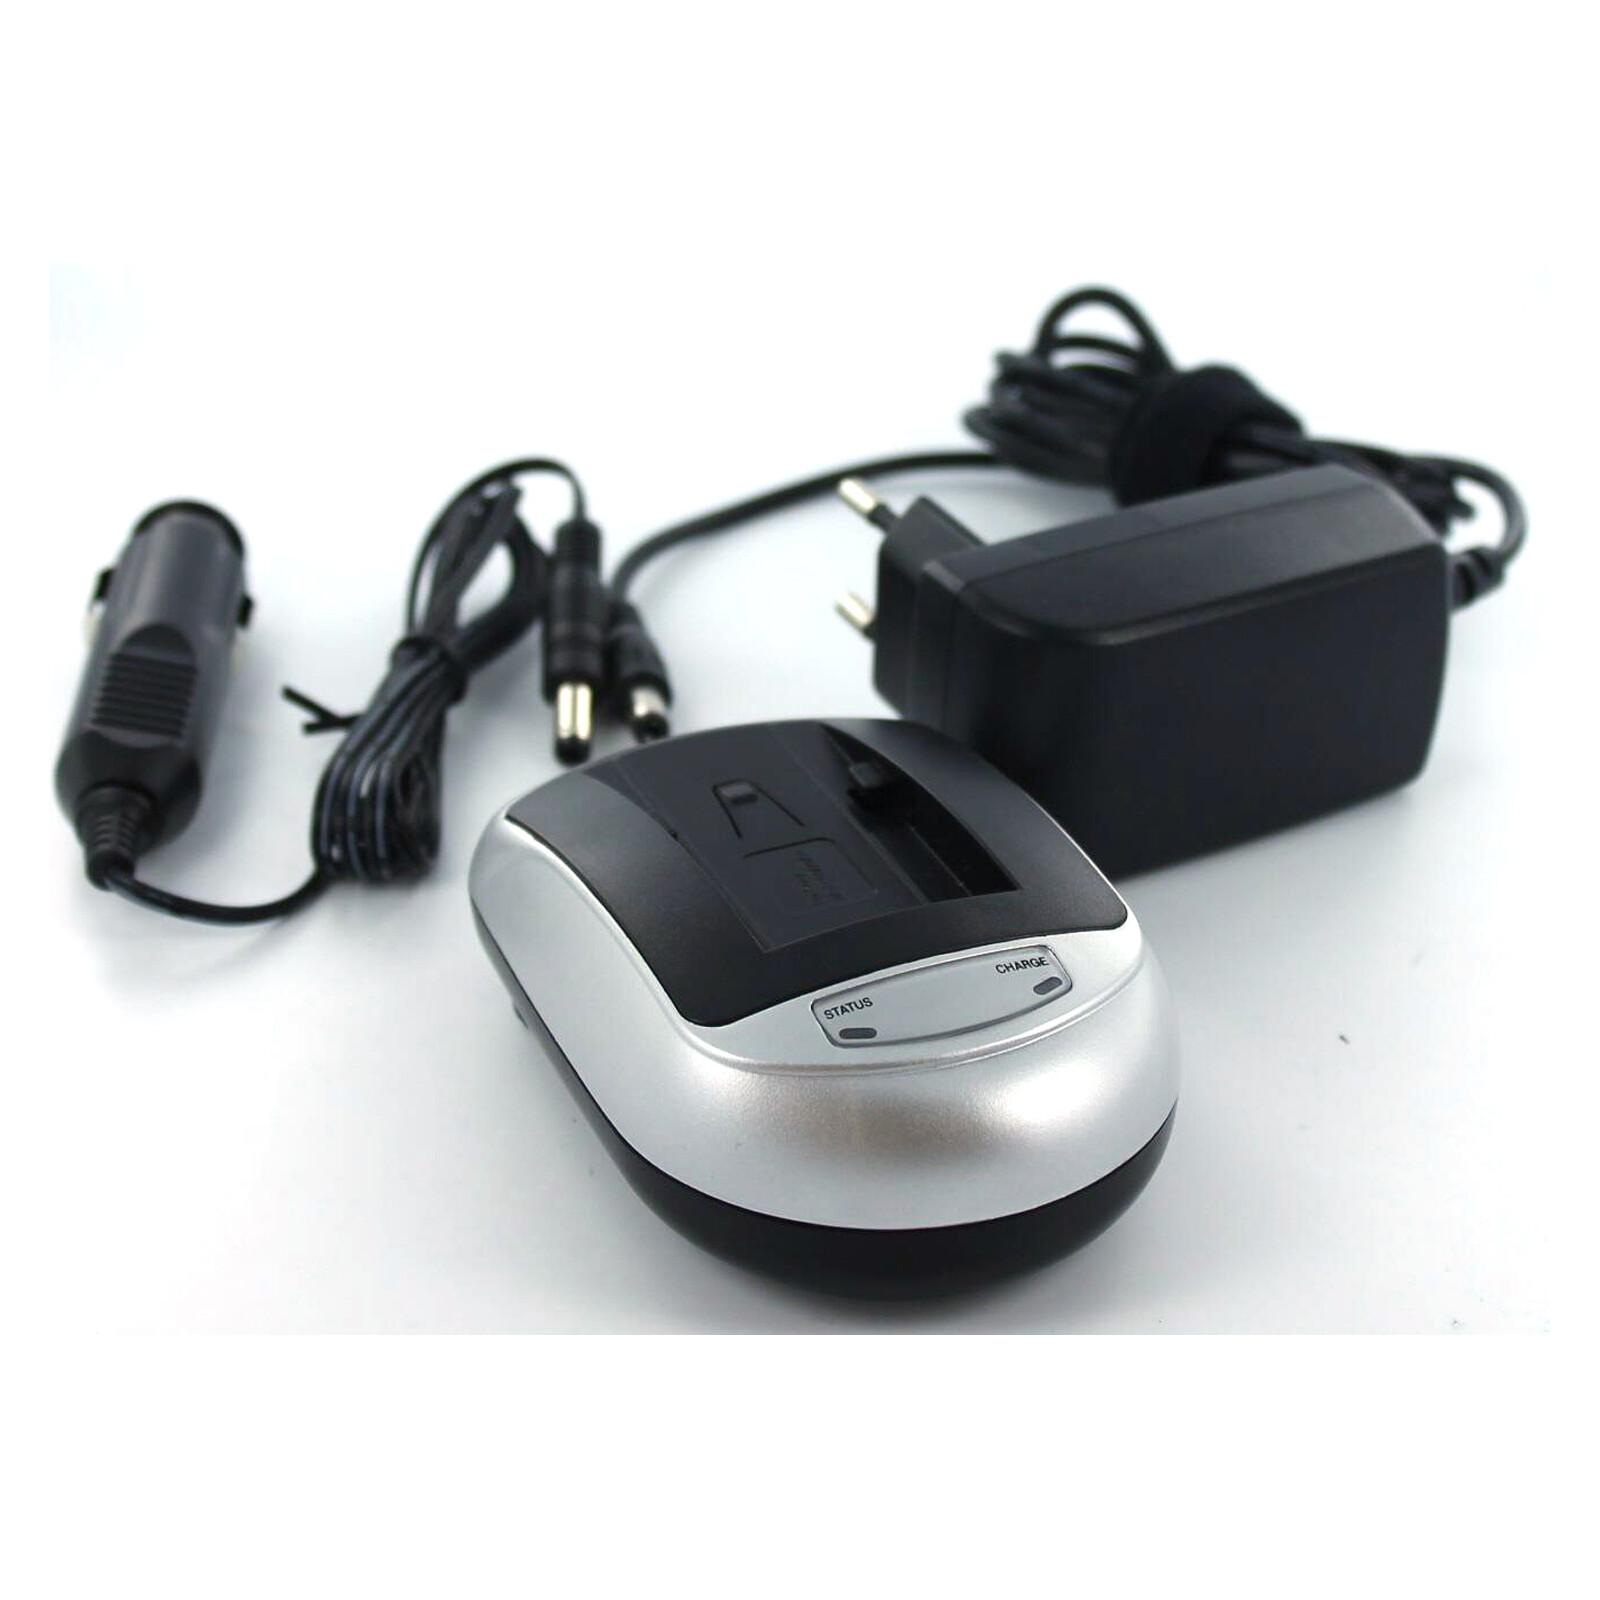 AGI 91620 Ladegerät Sony DSC-HX200V